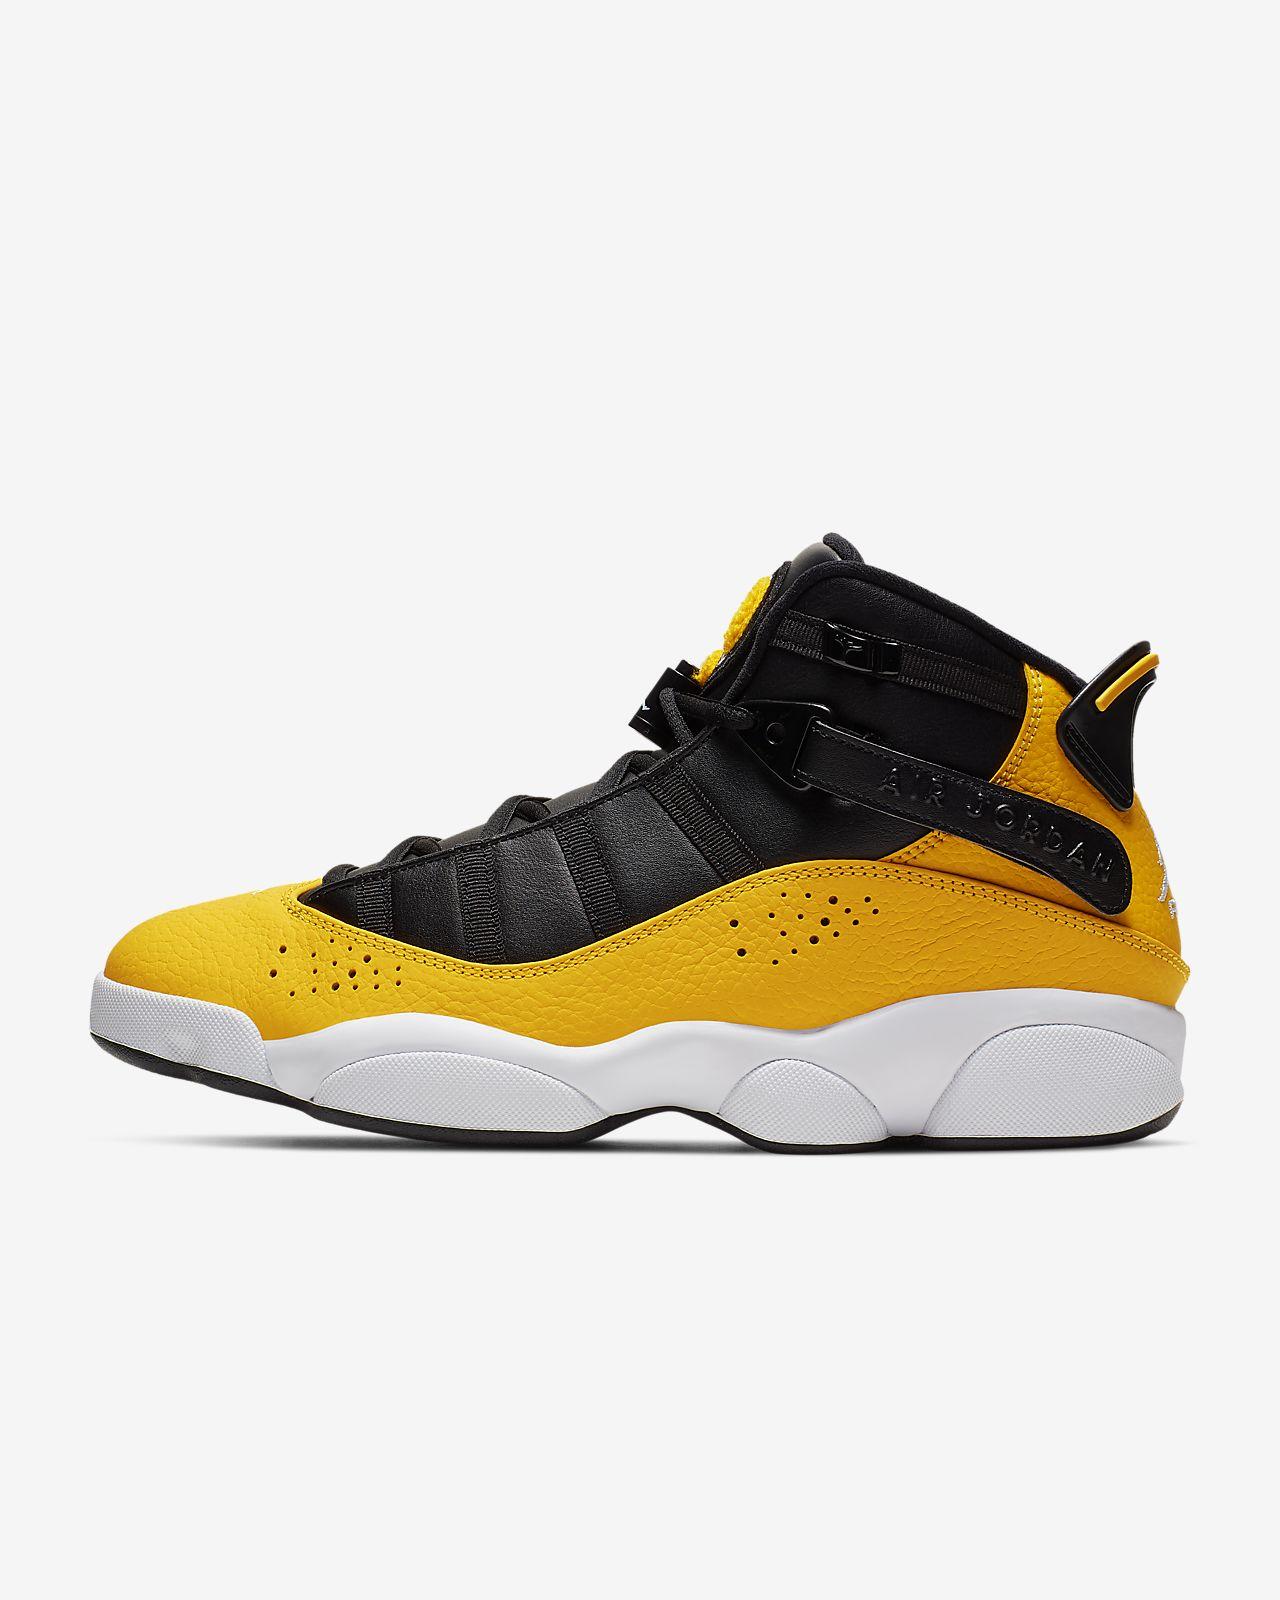 Calzado para hombre Jordan 6 Rings